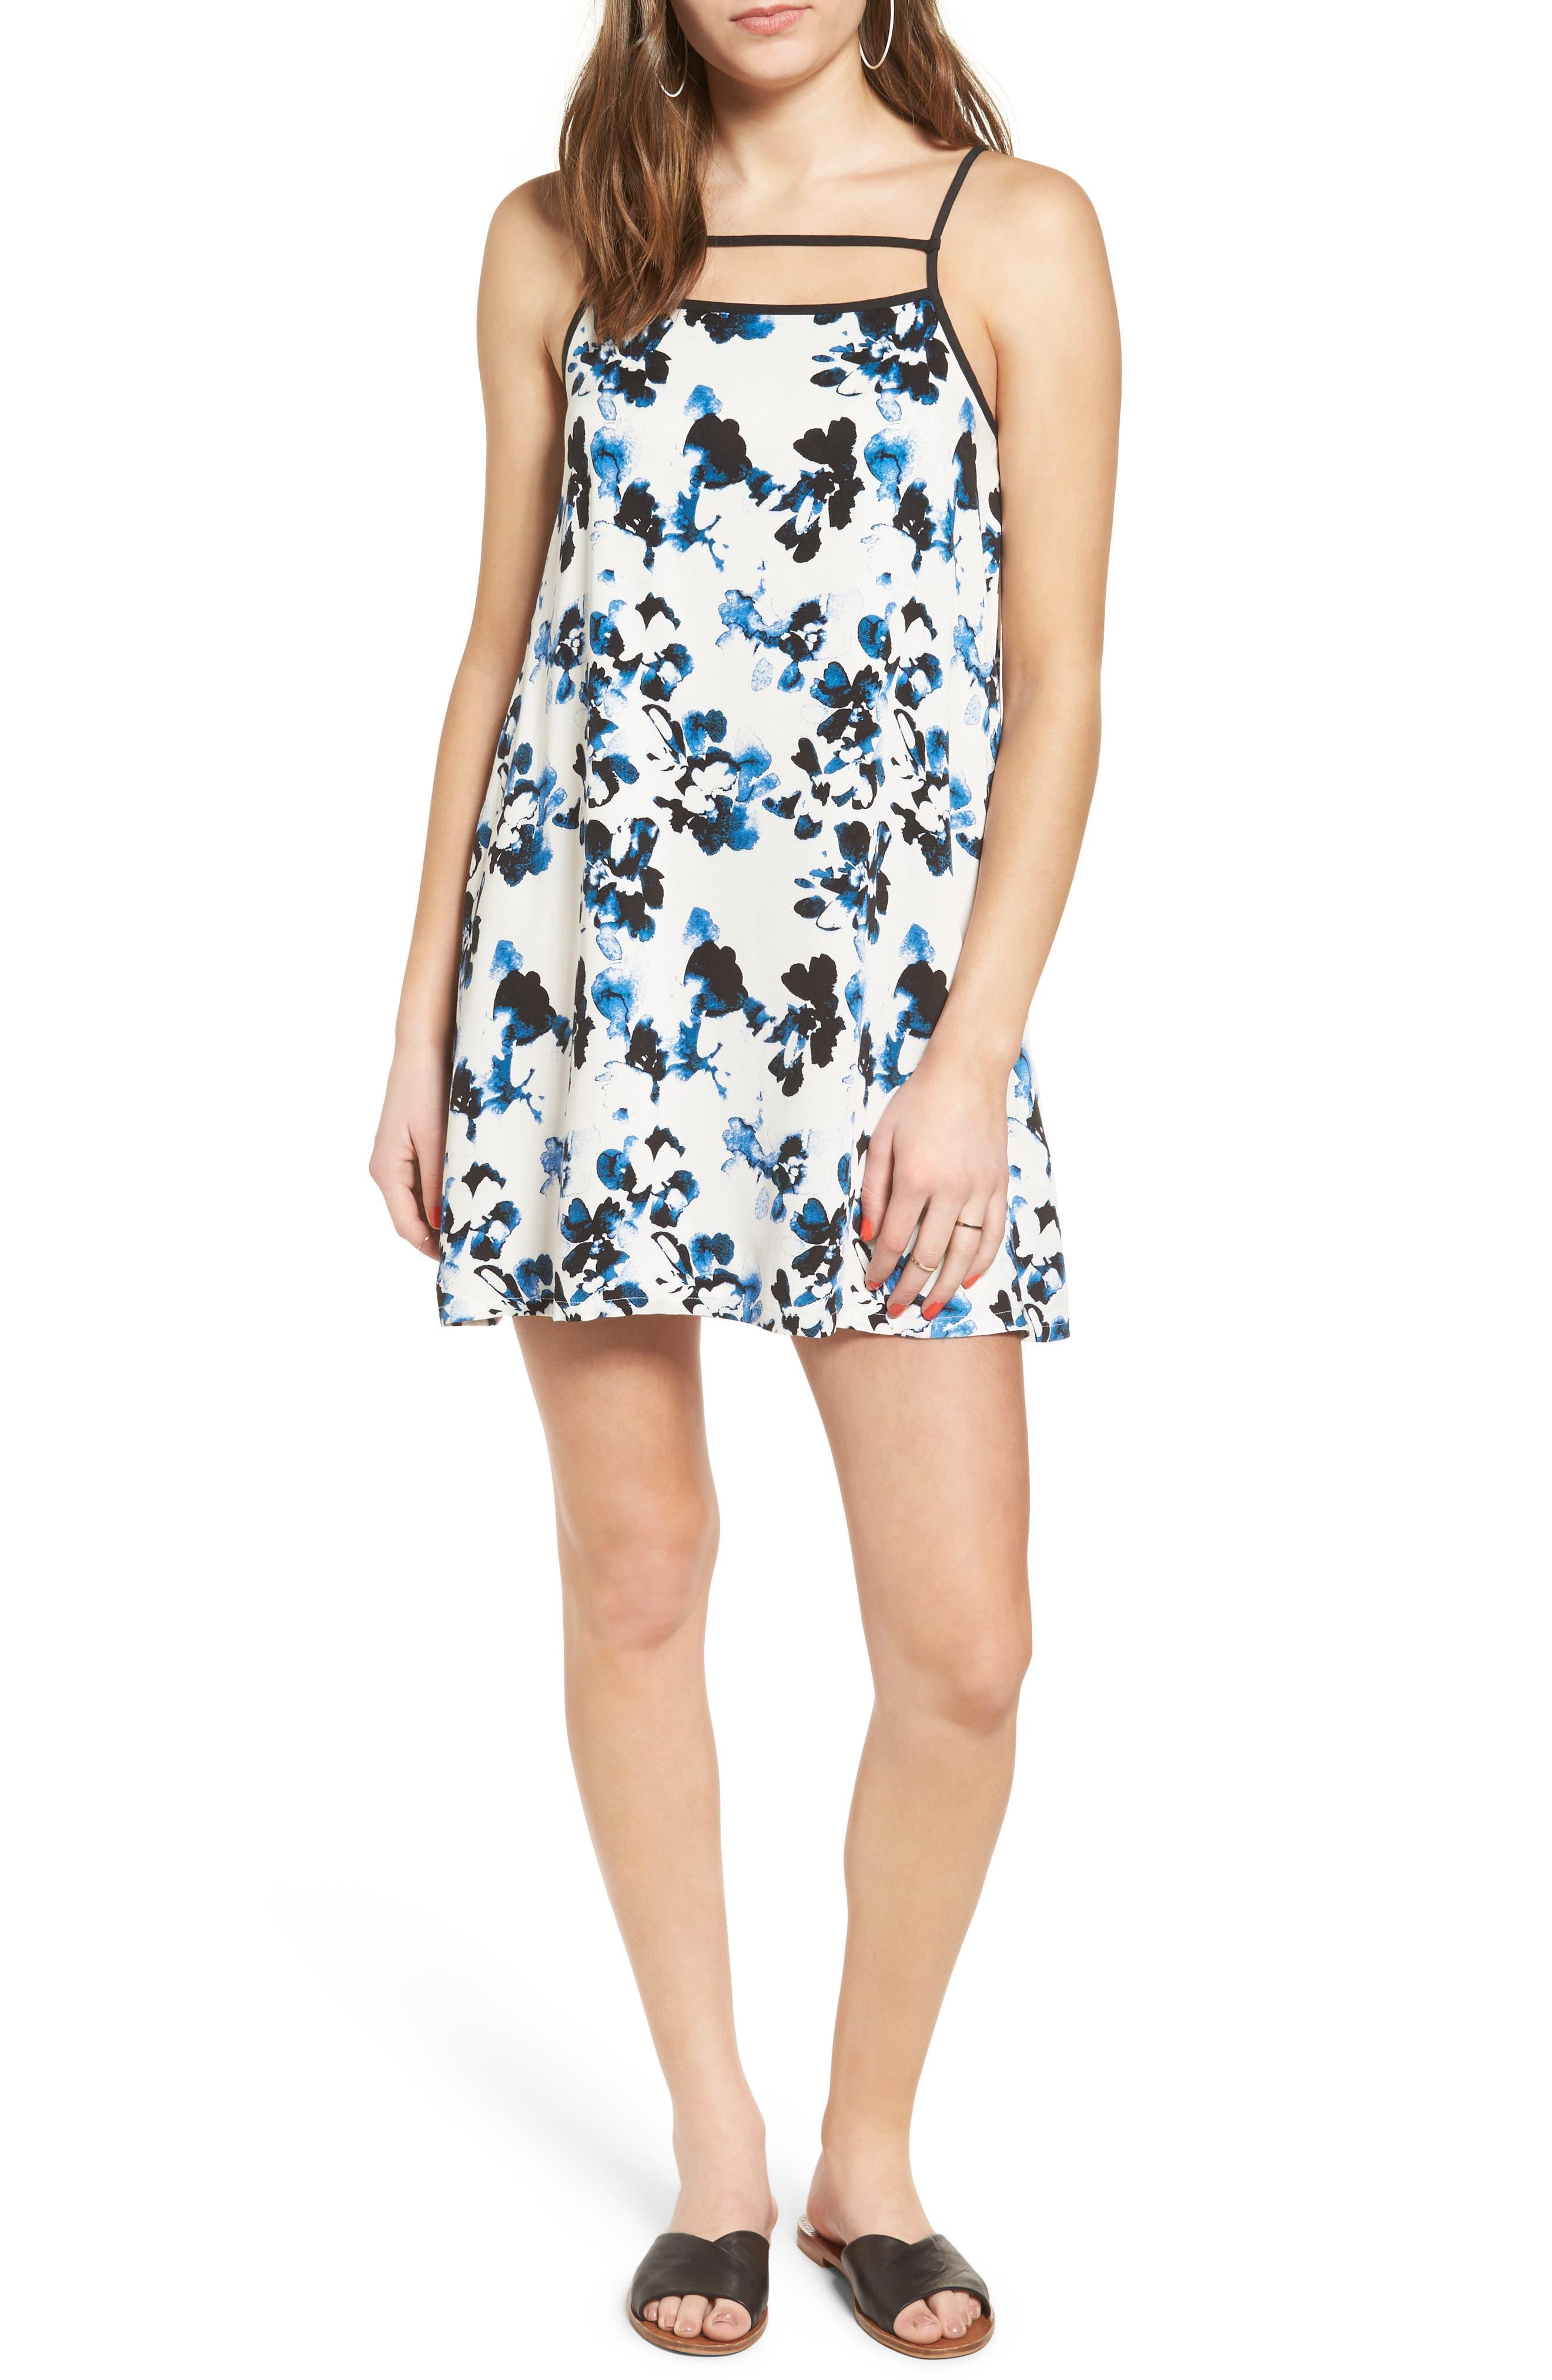 Habits Floral Print Dress, Main, color, 100